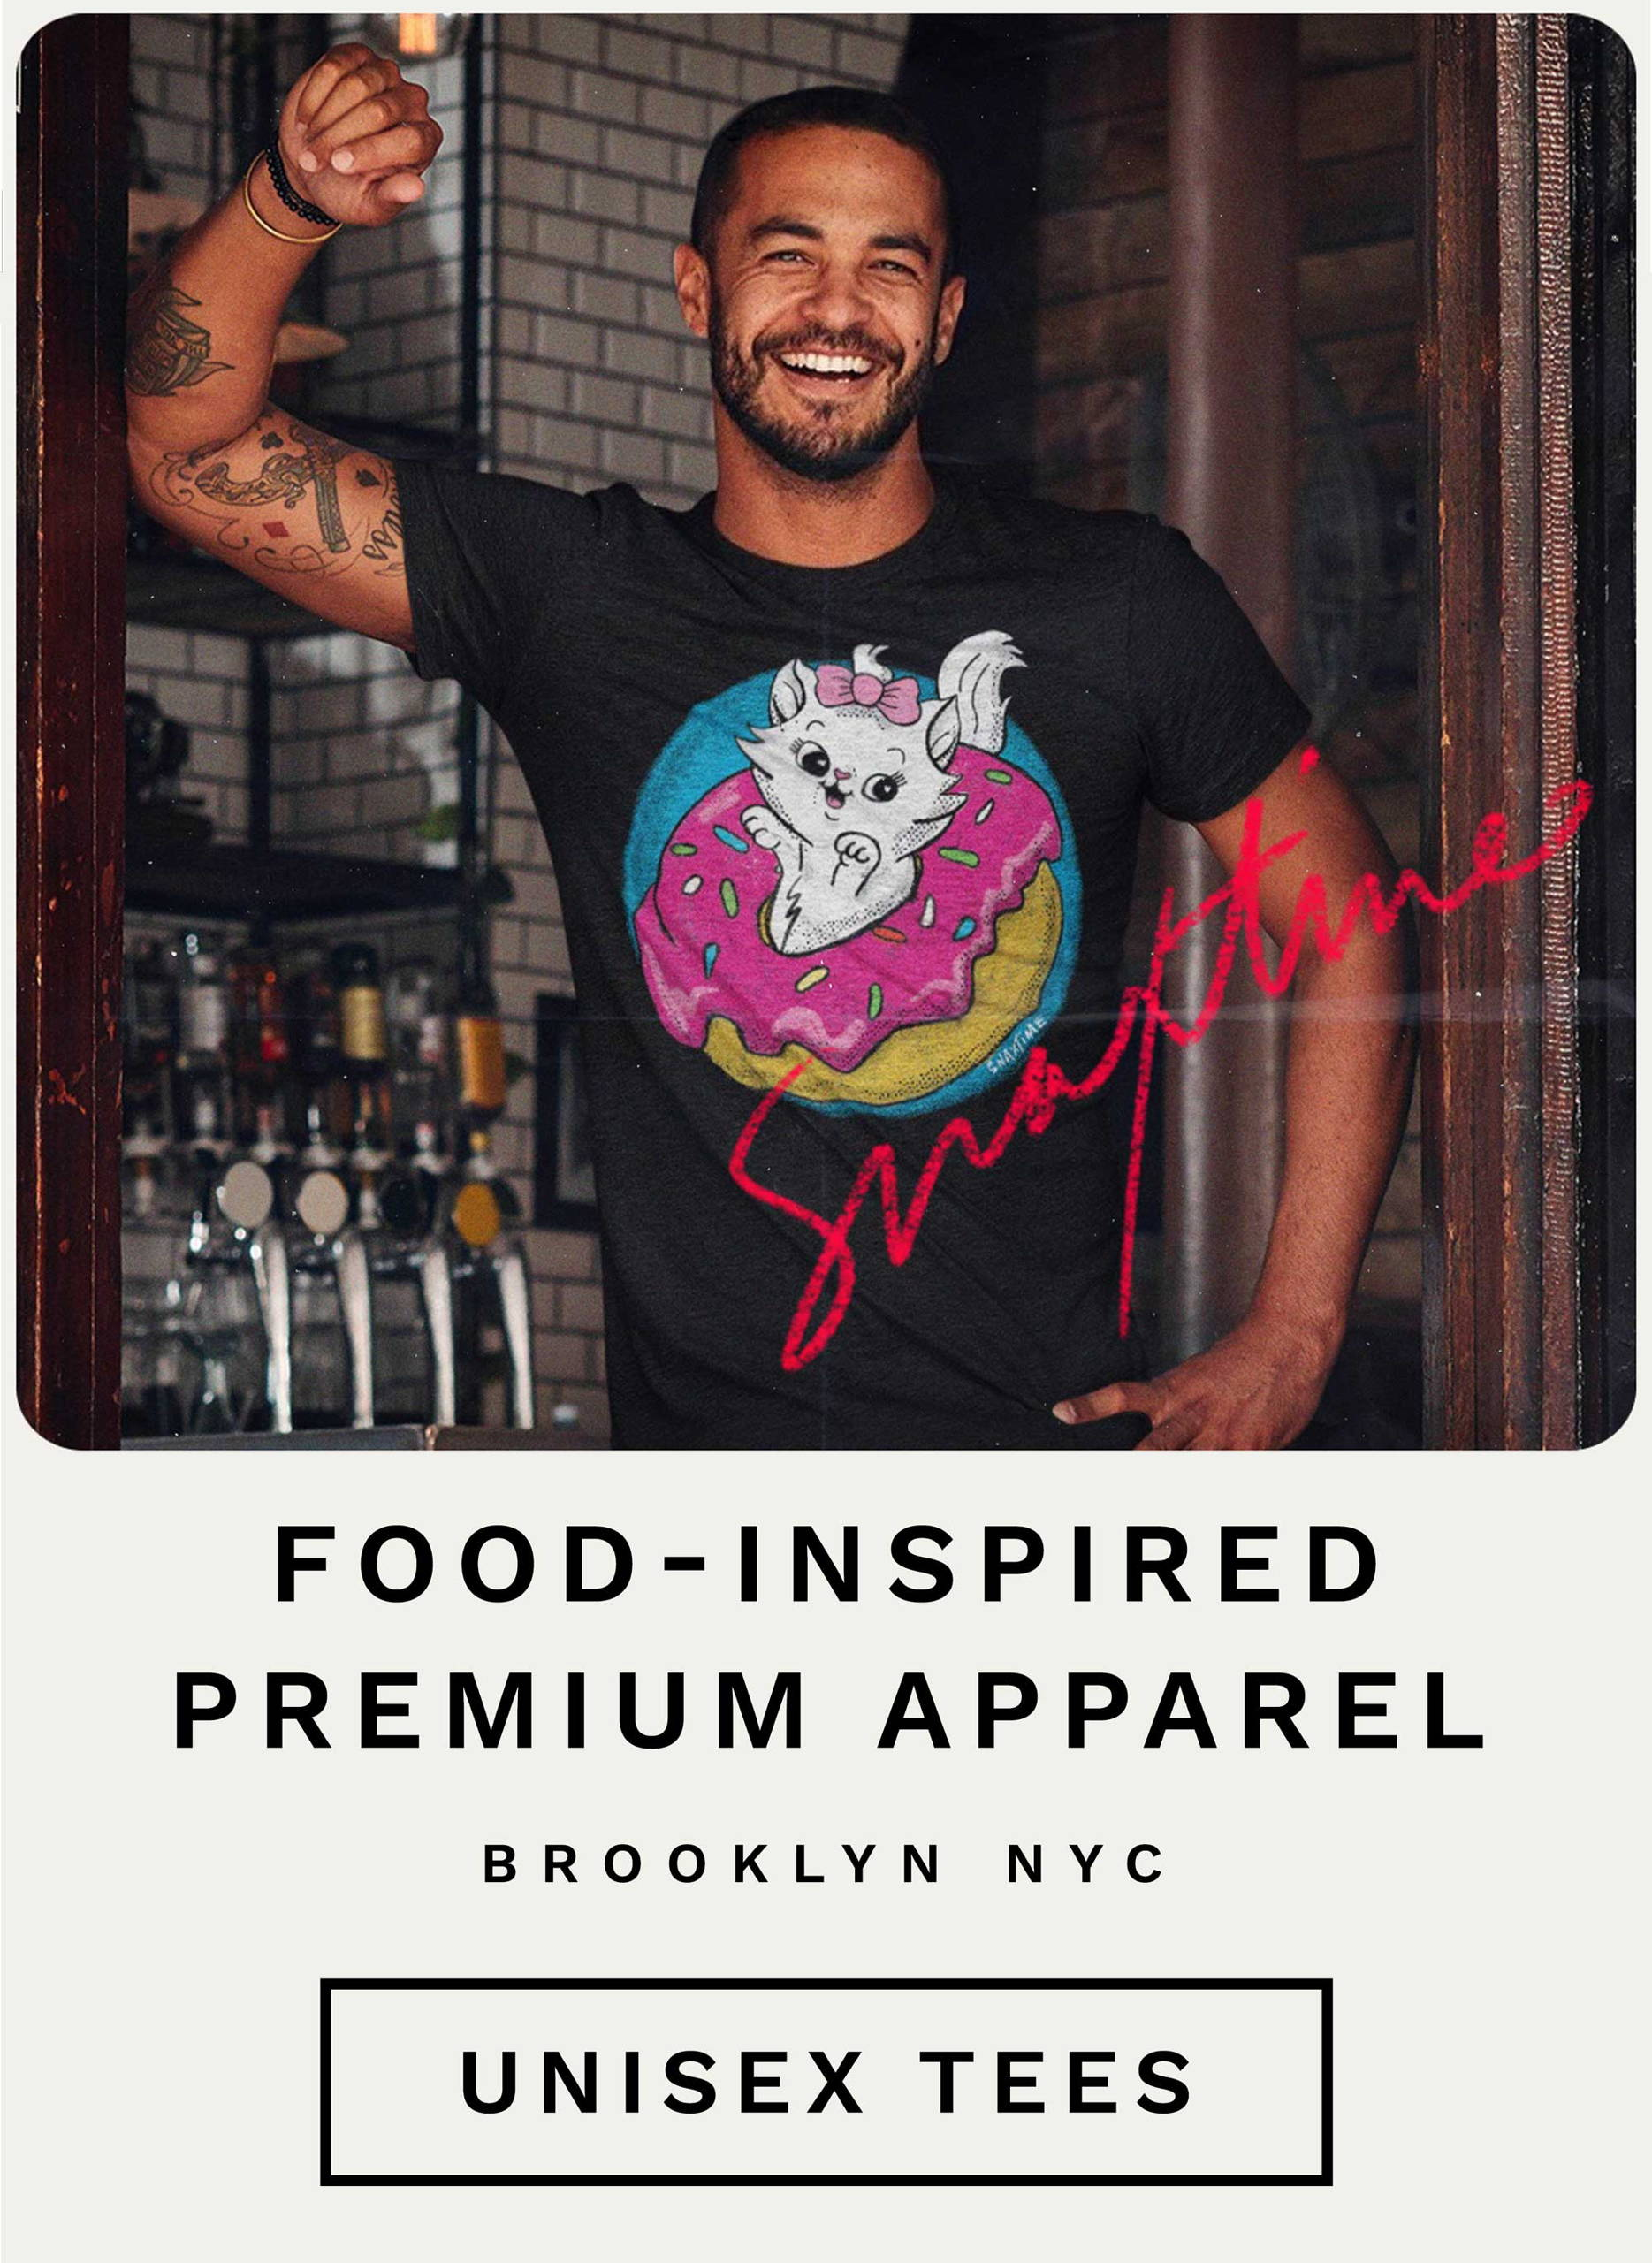 Food-Inspired Premium Retro Apparel